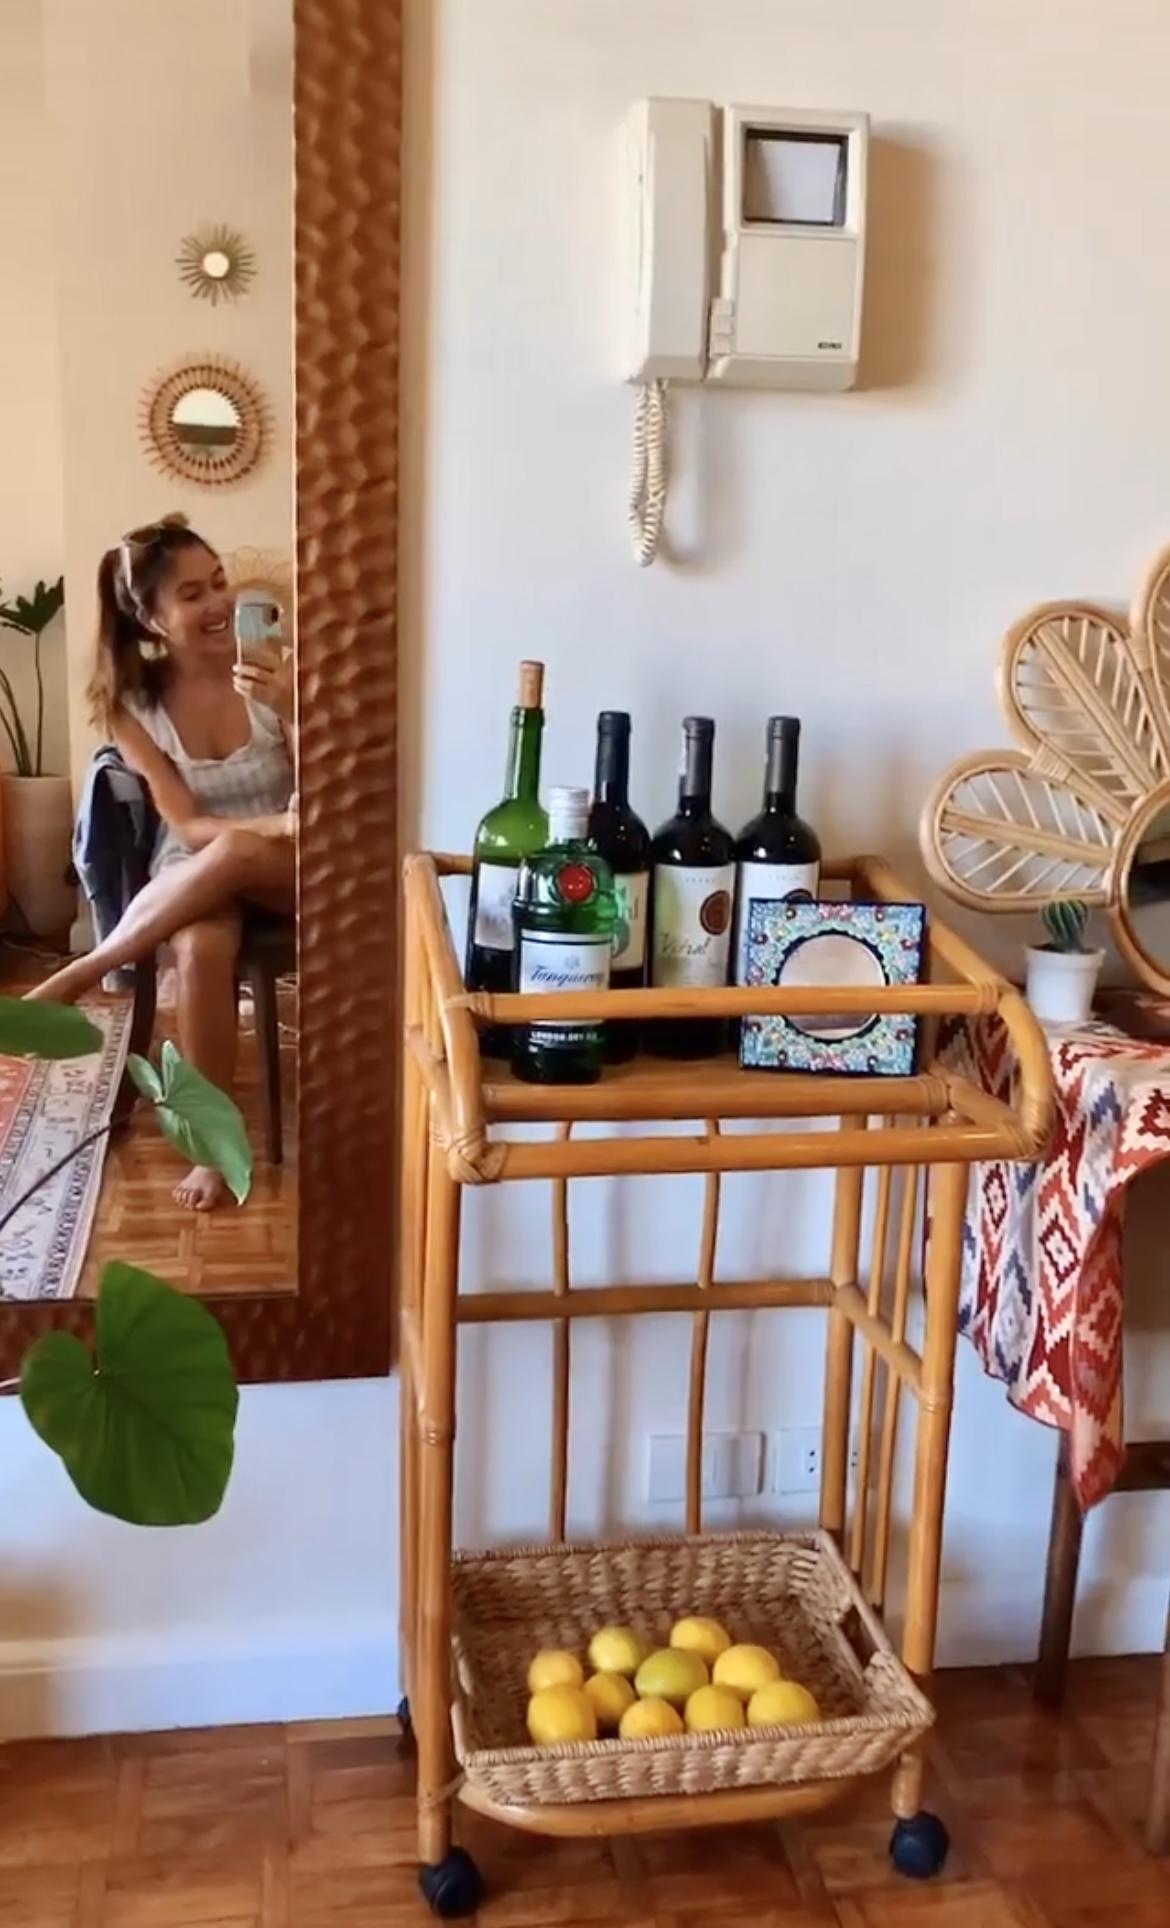 boho-inspired home makeover: bar cart